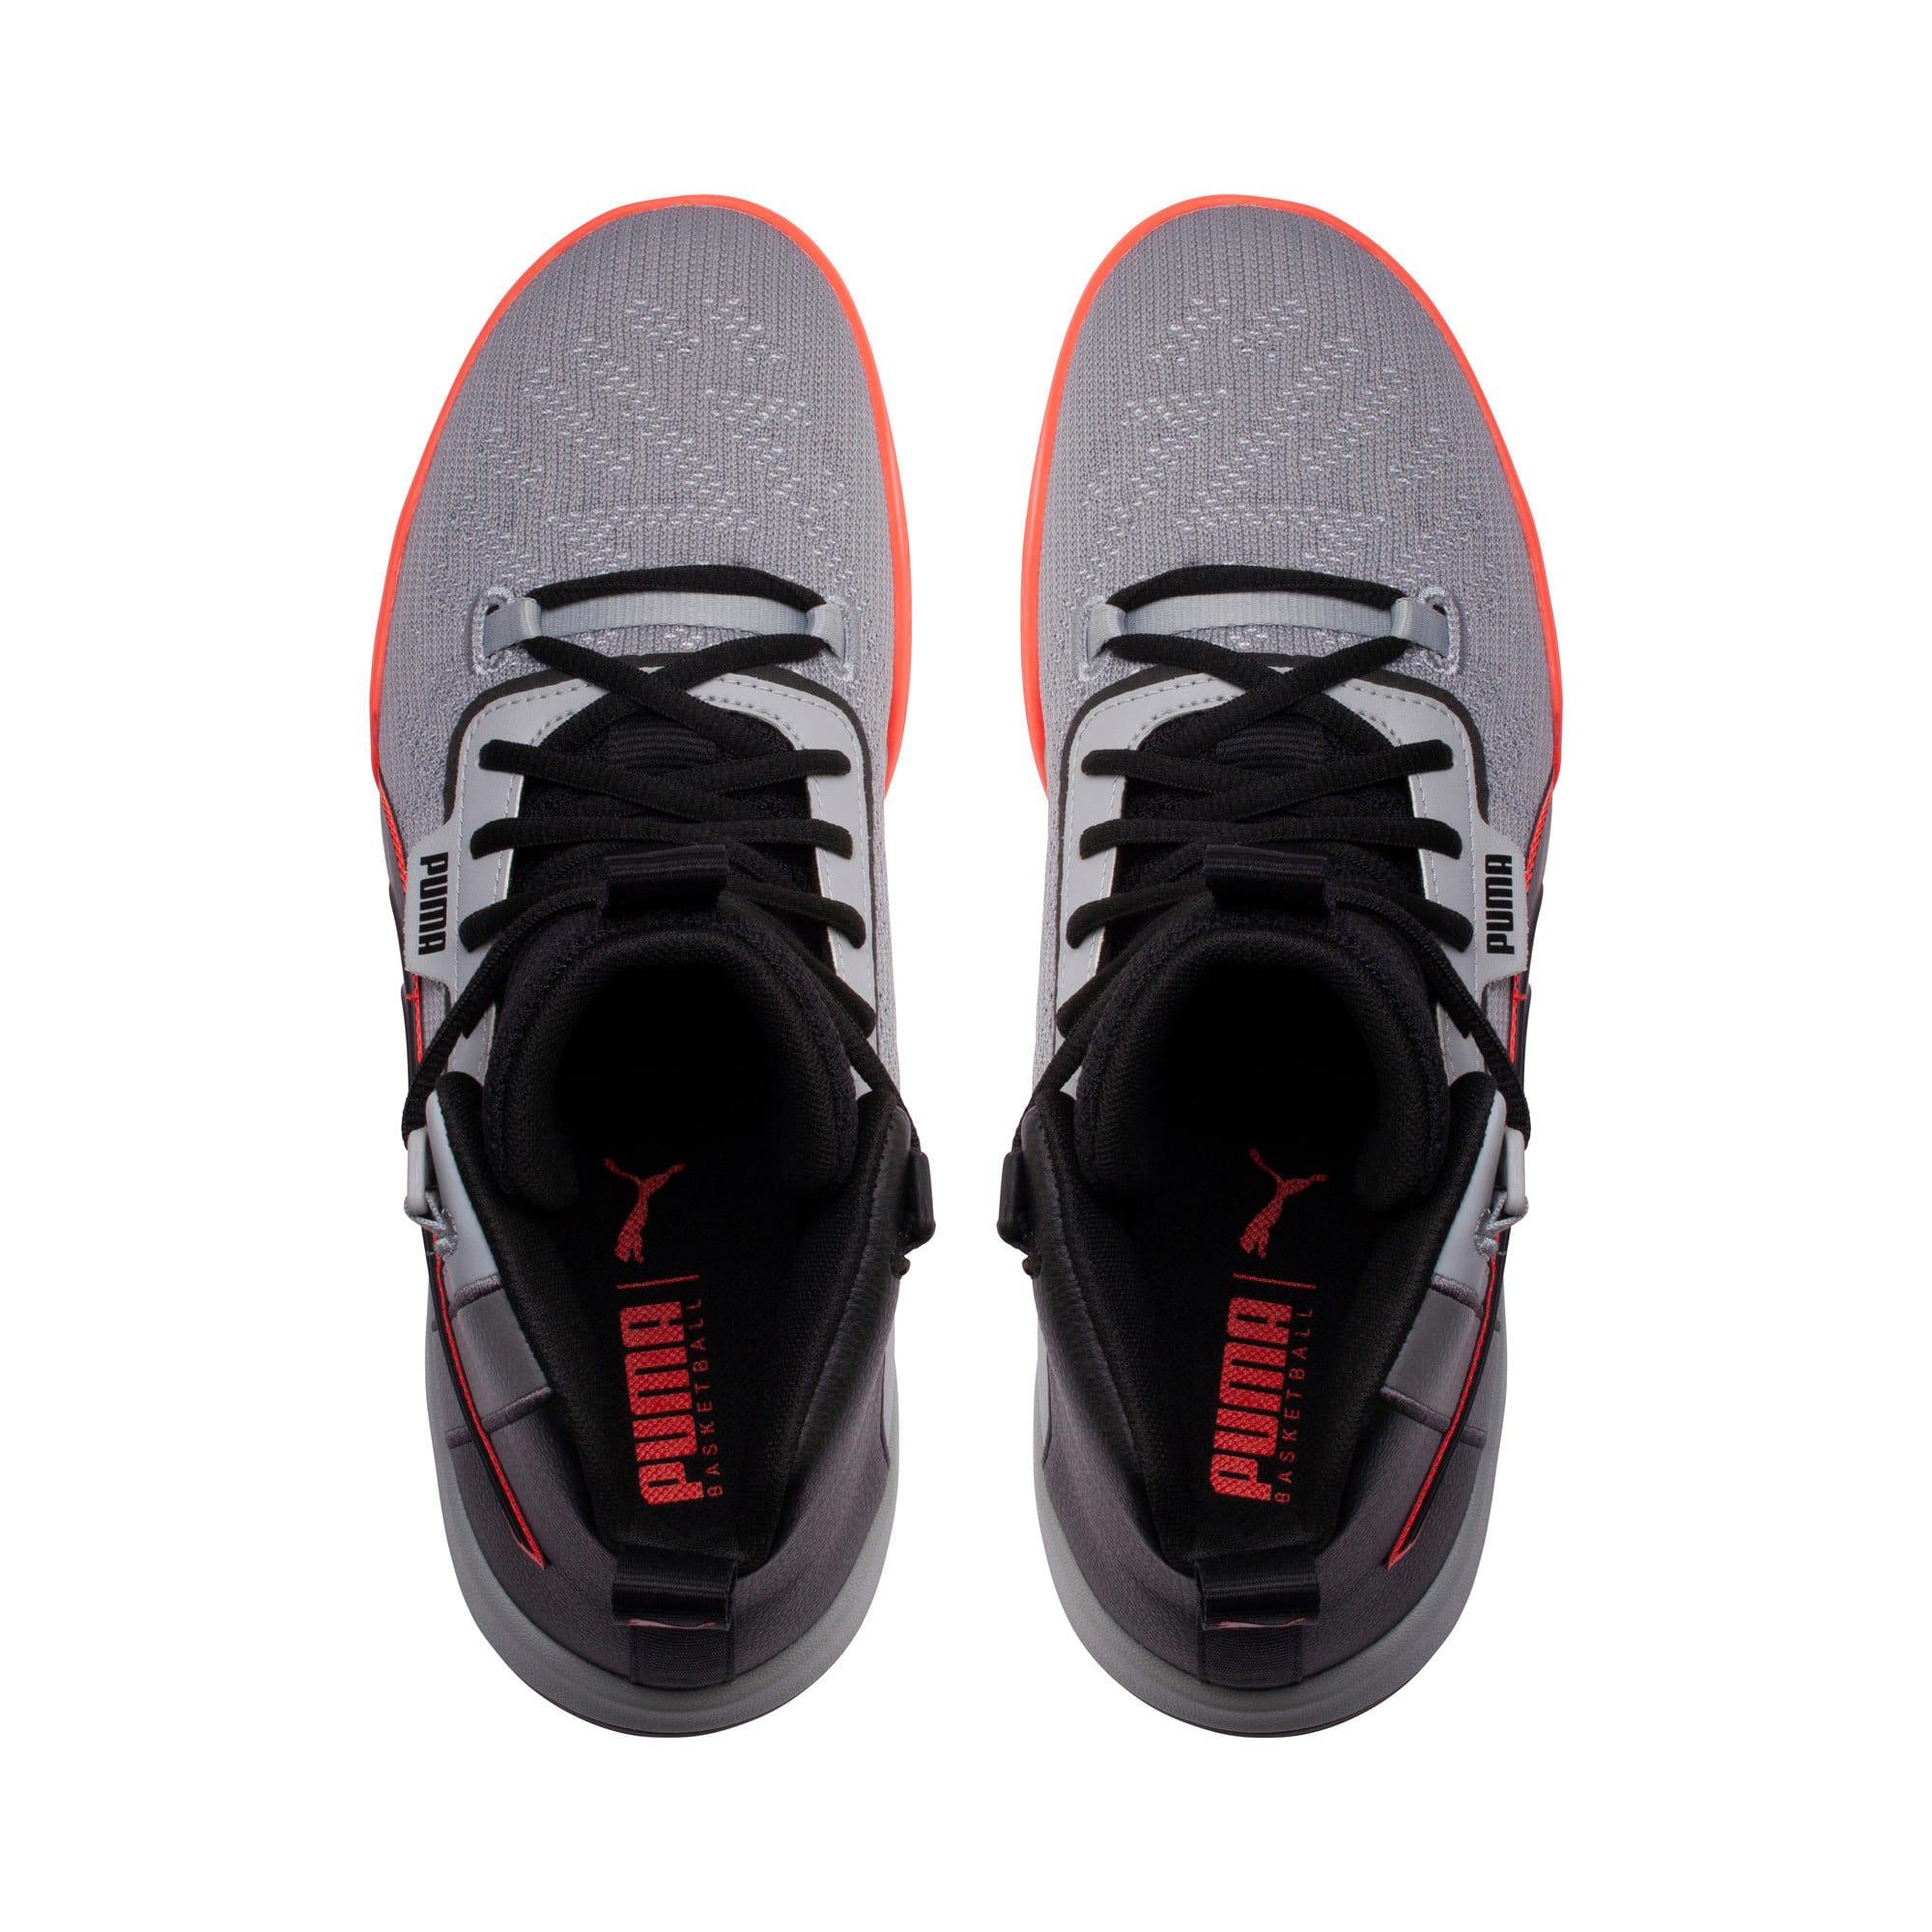 Thumbnail 6 of Chaussure de basket Legacy Disrupt pour homme, Puma Black-Red Blast, medium